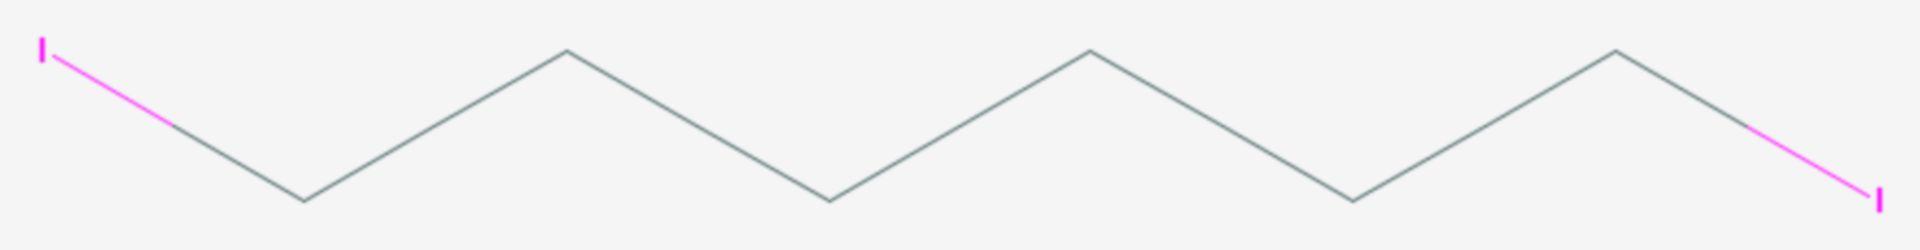 1,6-Diiodhexan (Strukturformel)